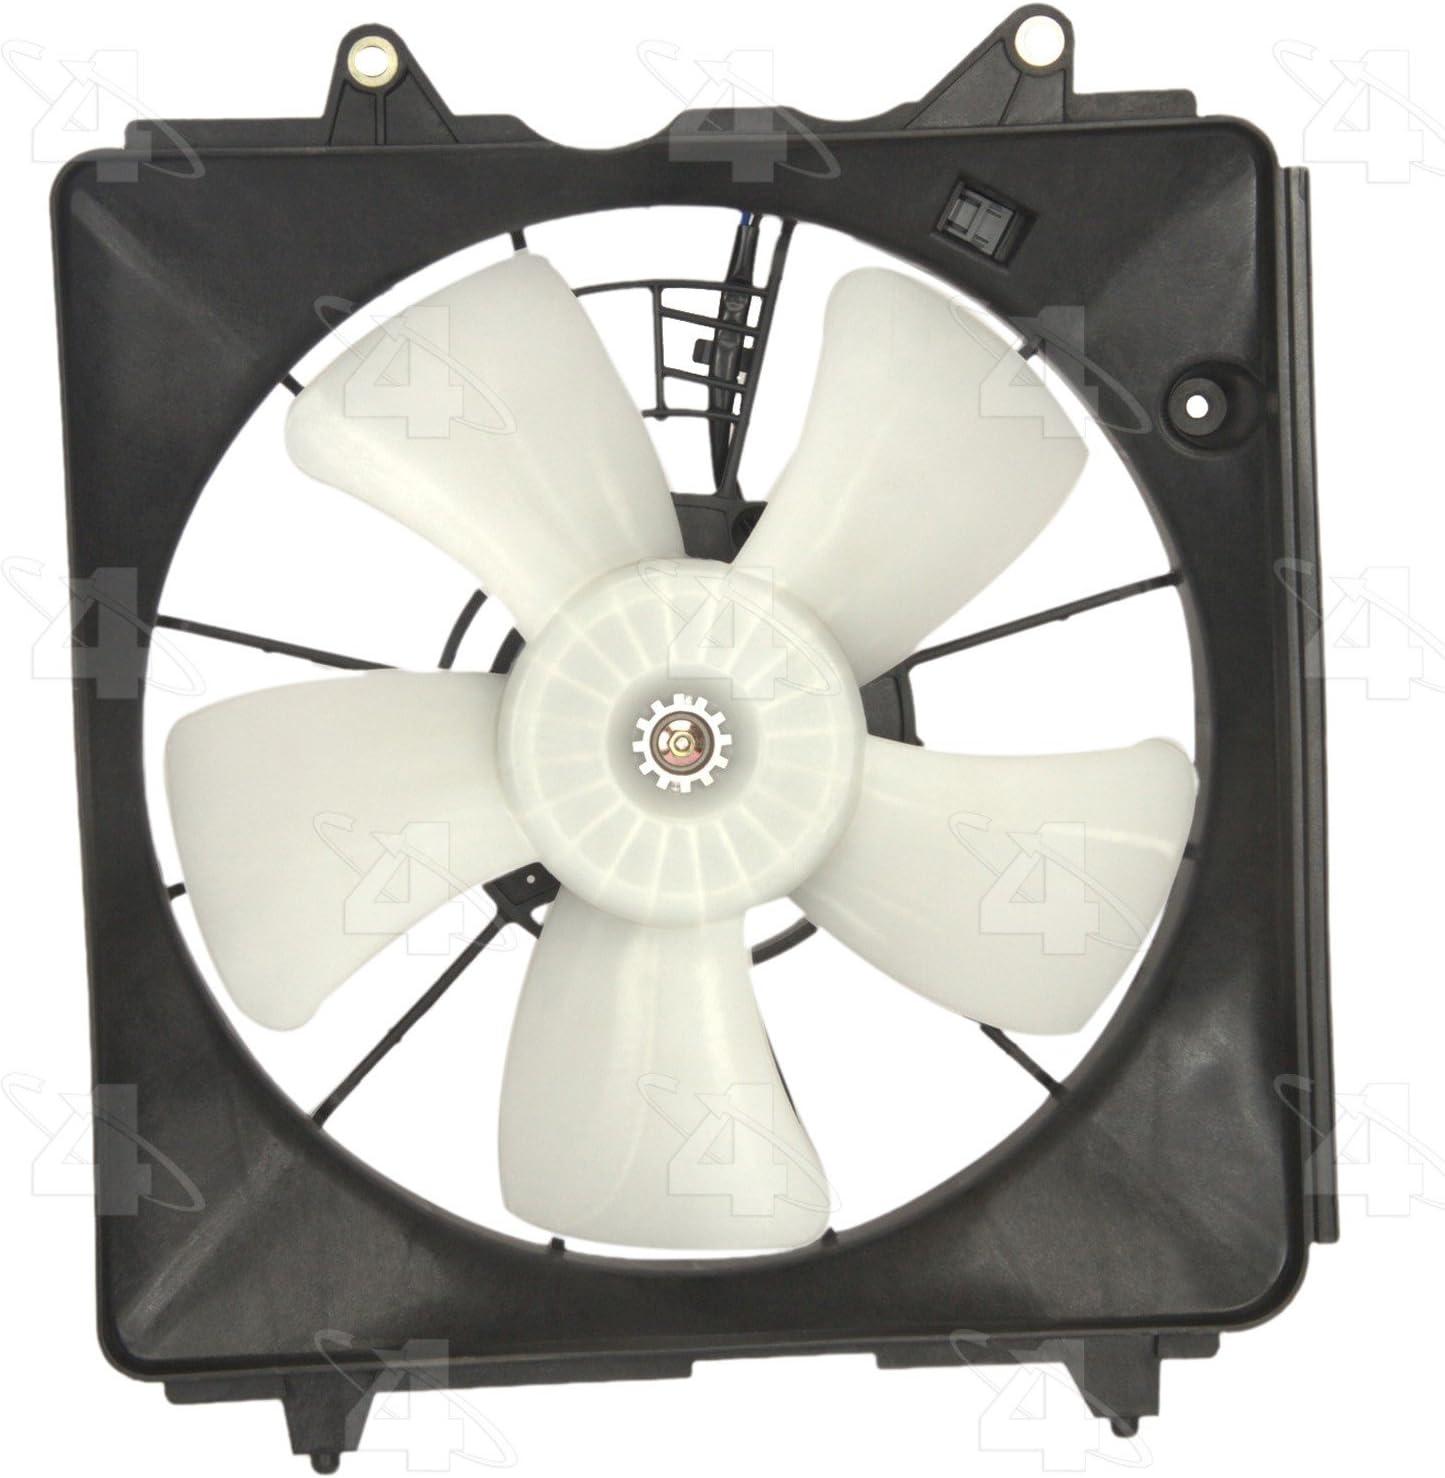 Four Seasons 75641 Radiator Fan Motor Assembly